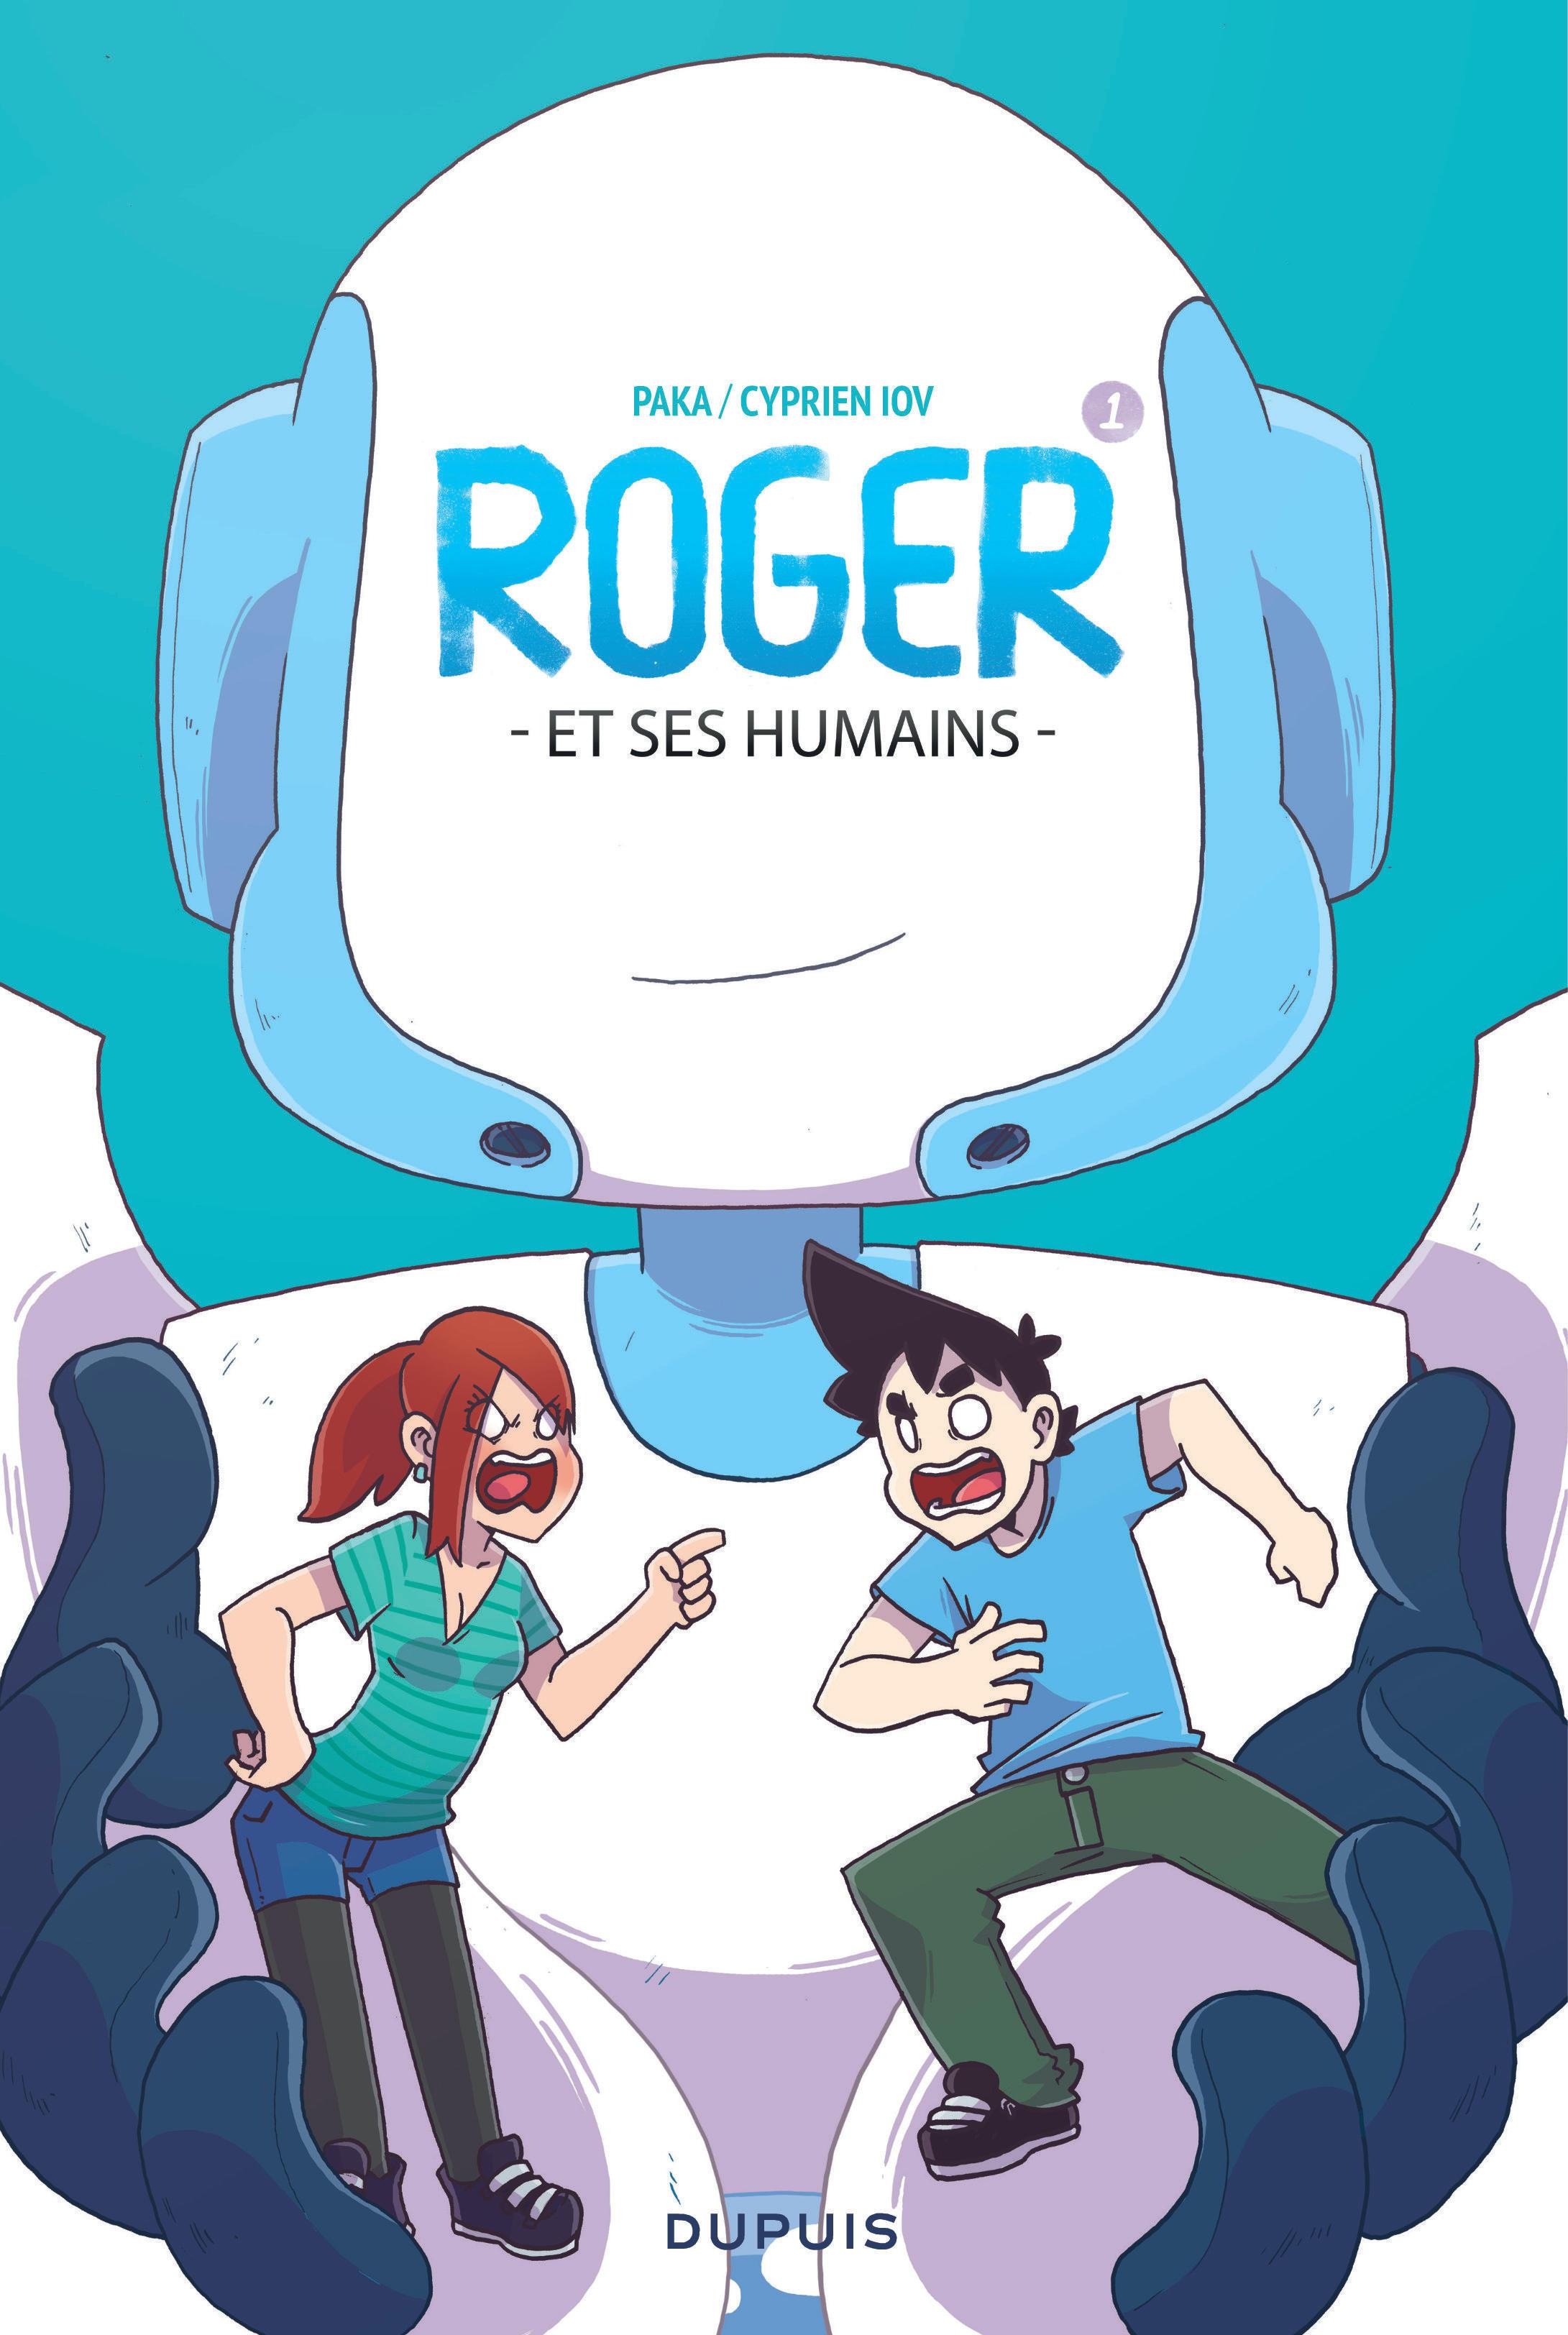 DISQUETTE T1 ROGER ET SES HUMAINS